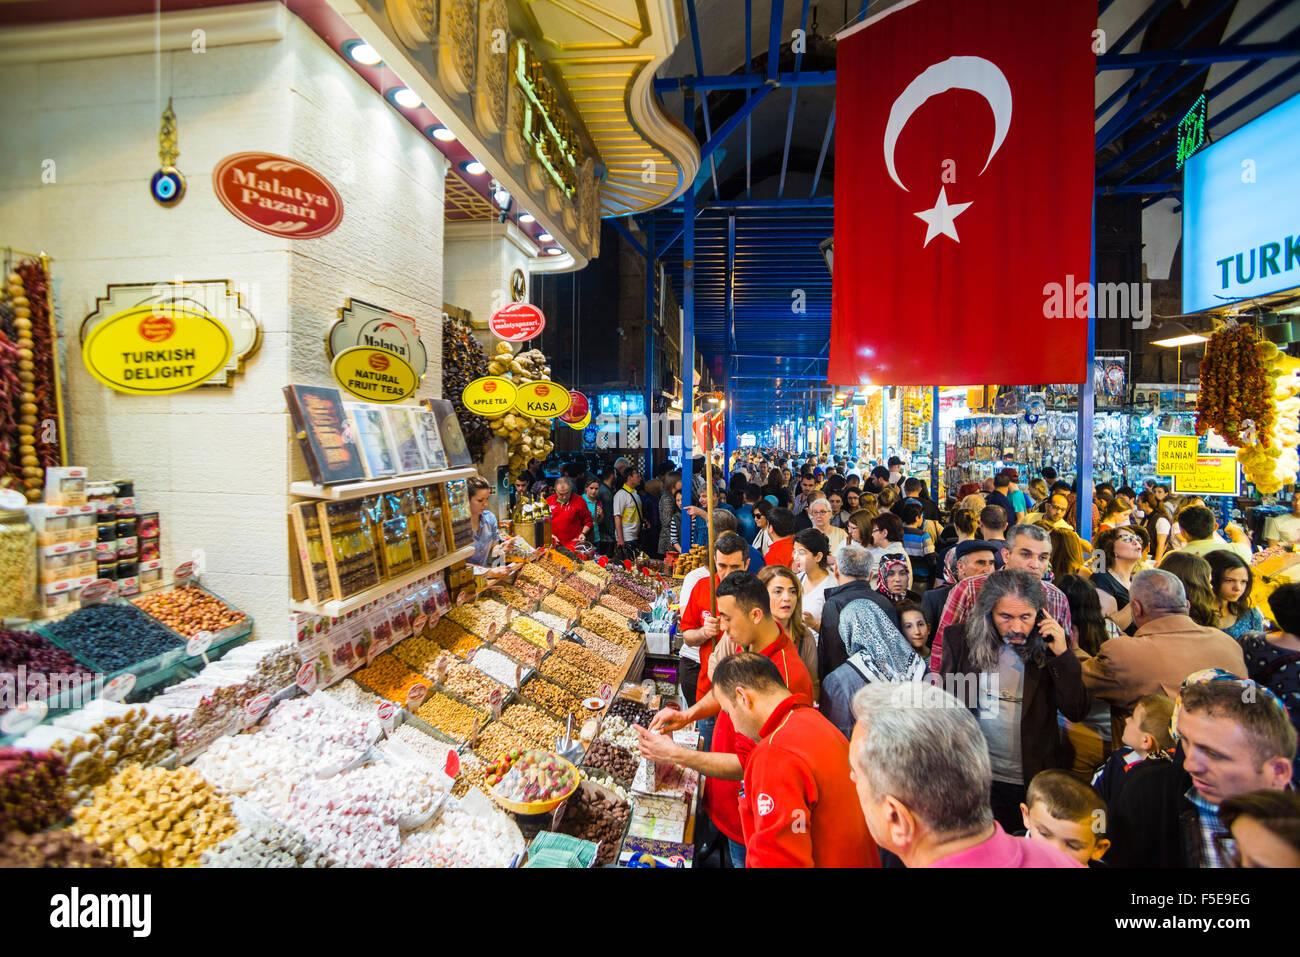 c3891f50a269 Le Grand Bazar (Kapali Carsi), le plus grand marché à Istanbul, Turquie